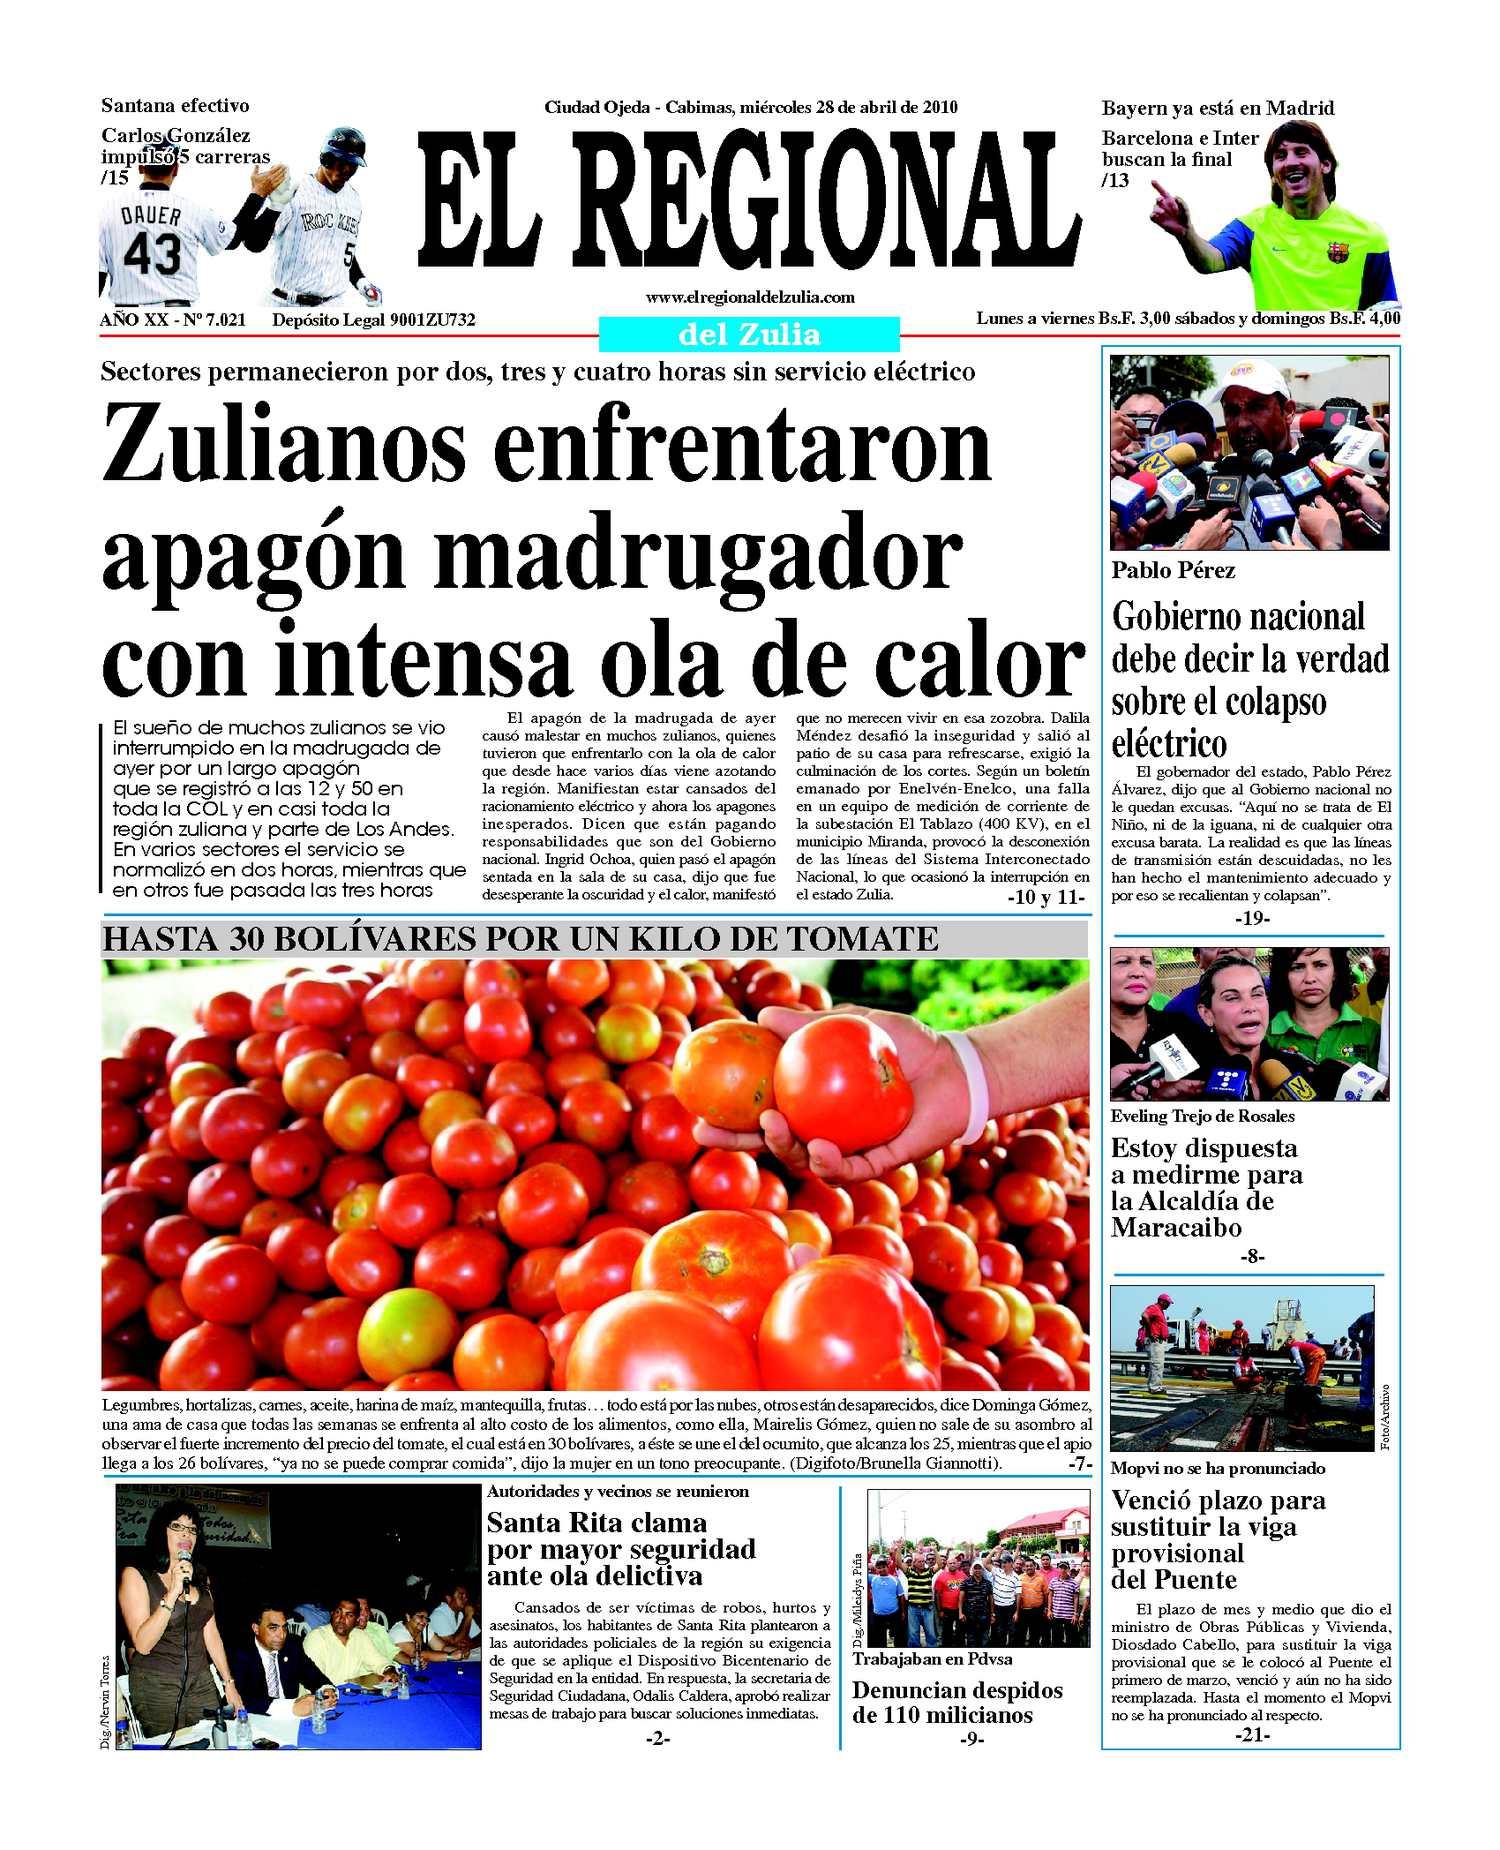 El Regional del Zulia 28-04-2010